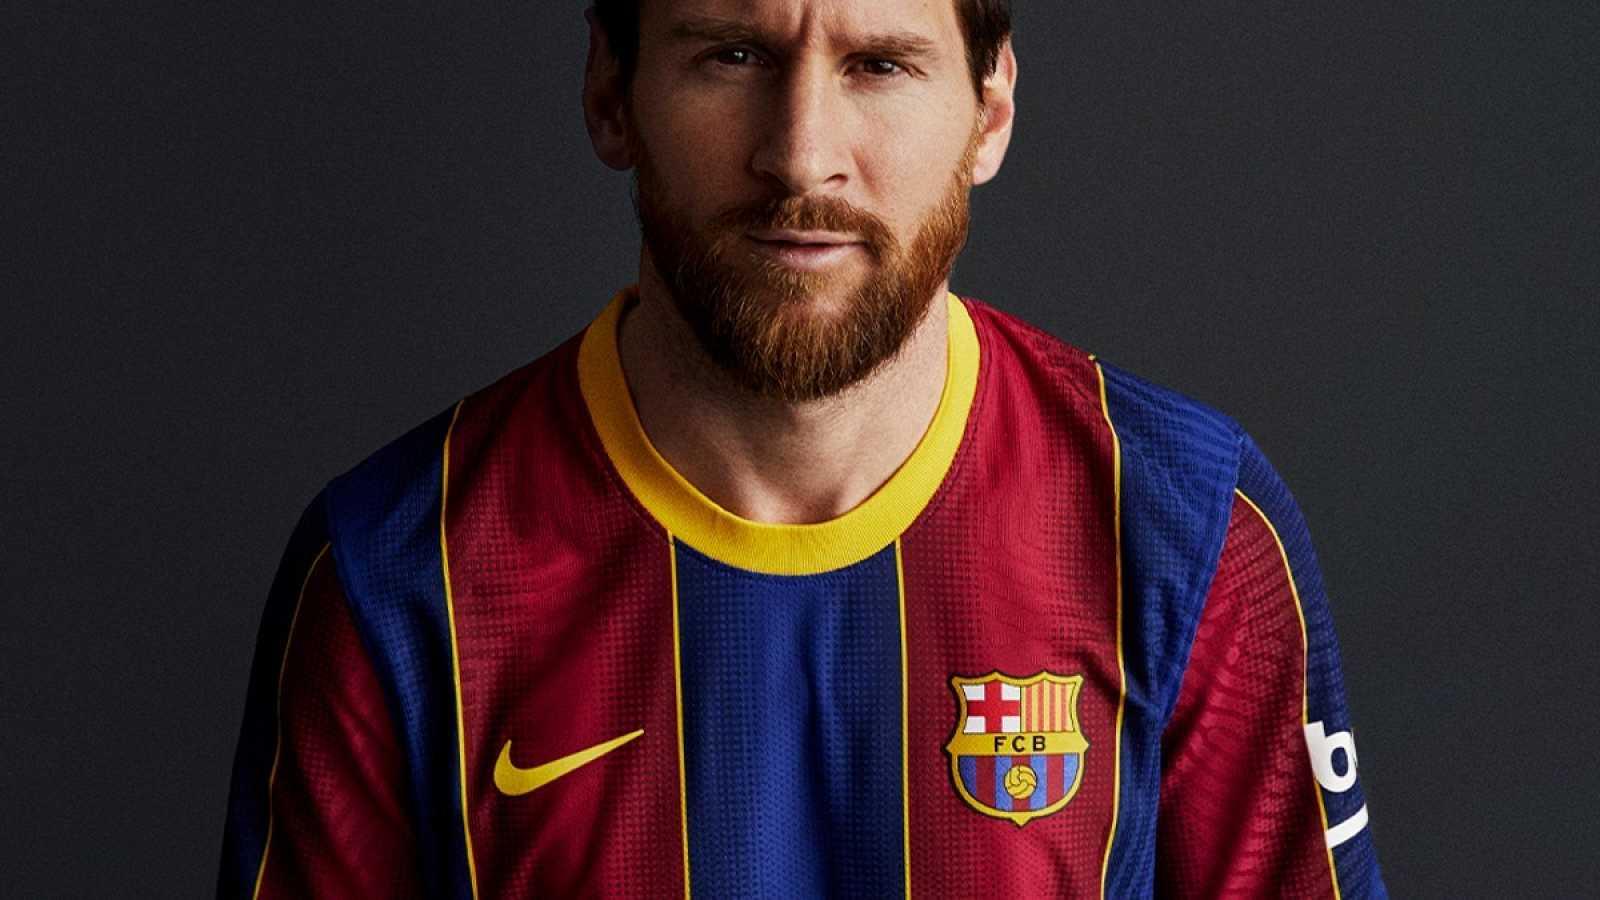 Leo Messi, capitán del FC Barcelona posa con la nueva equipación para la temporada 20/21